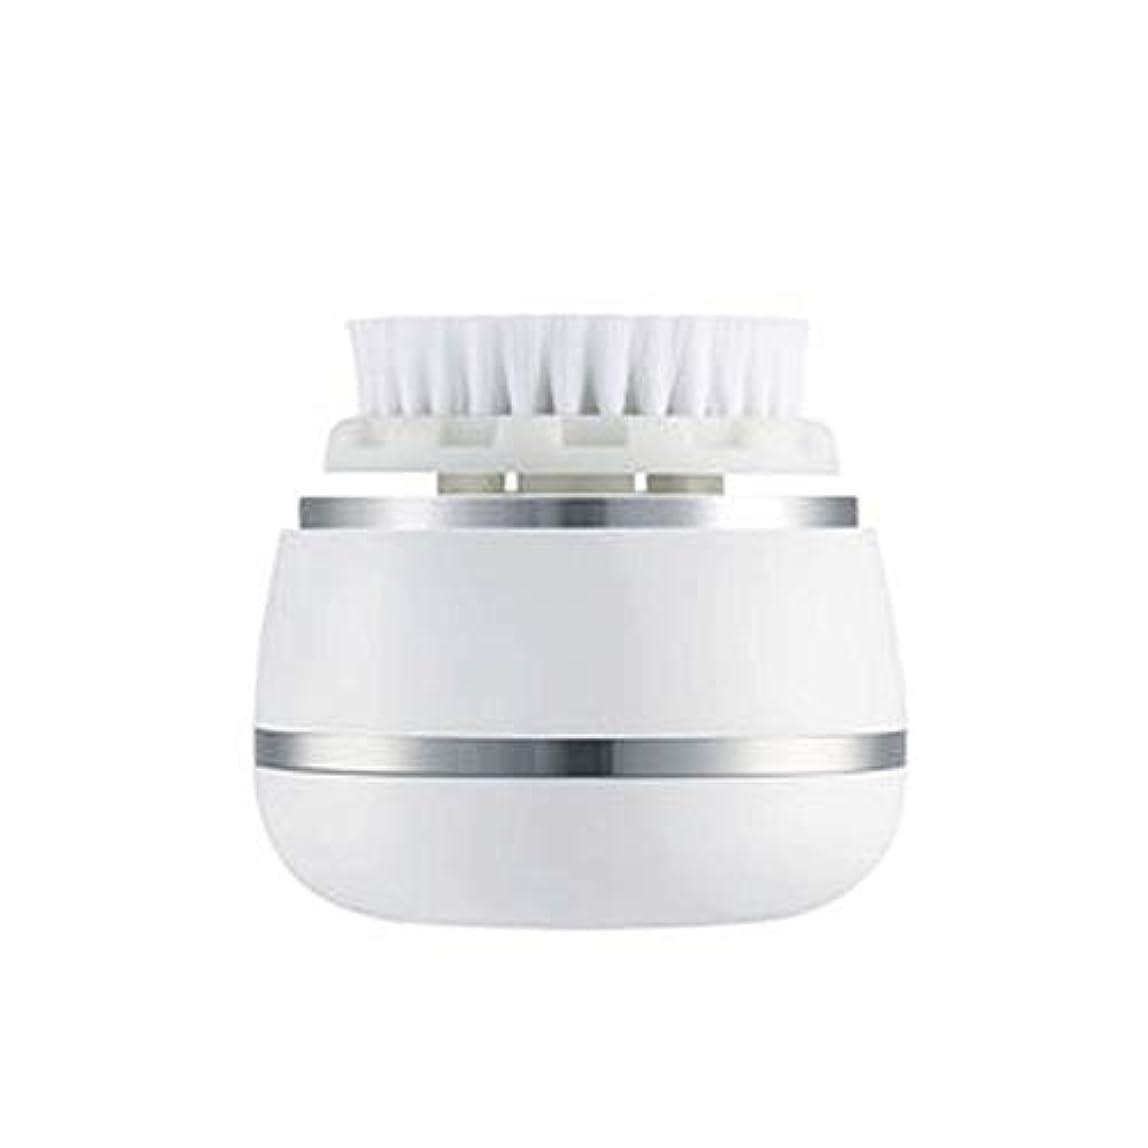 第三チューリップセンチメートルHEHUIHUI- クレンジングブラシ、防水ディープクレンジングポア、電気剥離、にきび、アンチエイジングクレンジングブラシ(ホワイト)